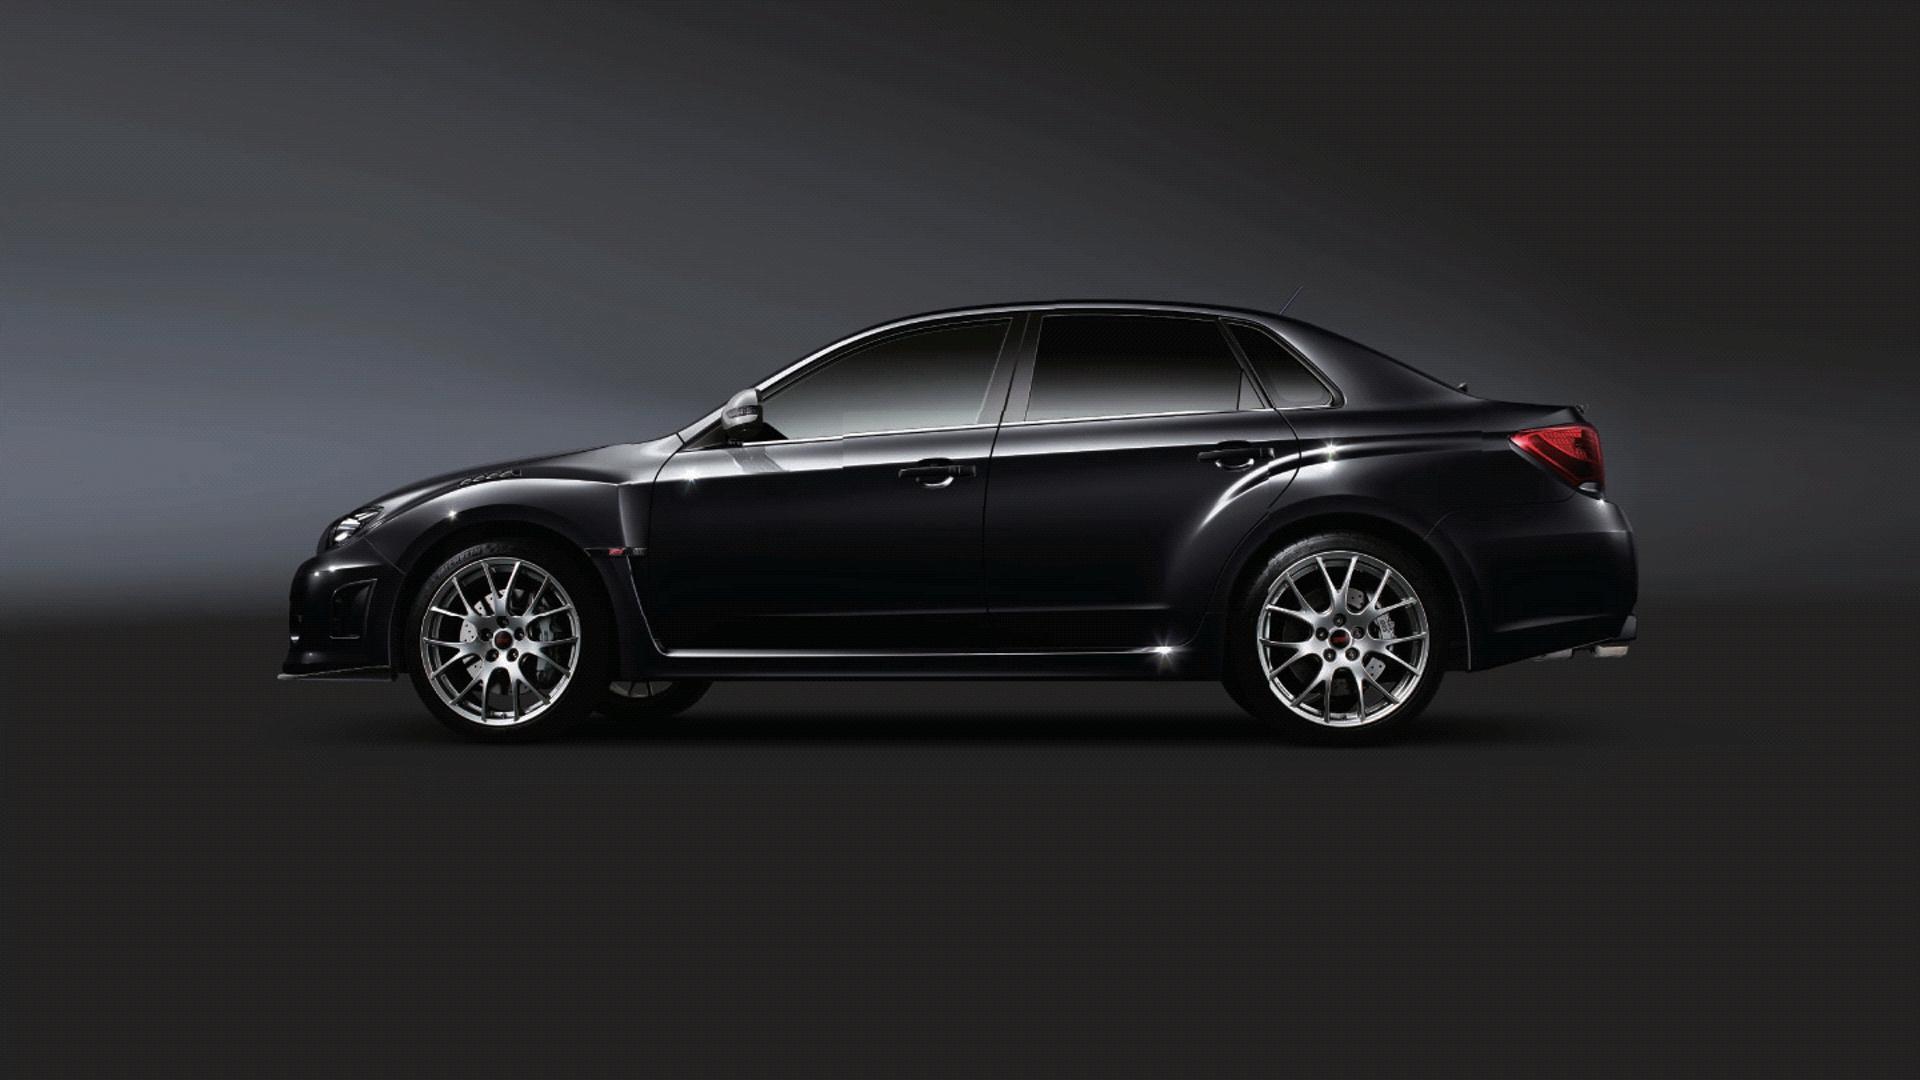 Subaru_Impreza_STI_S206_0038